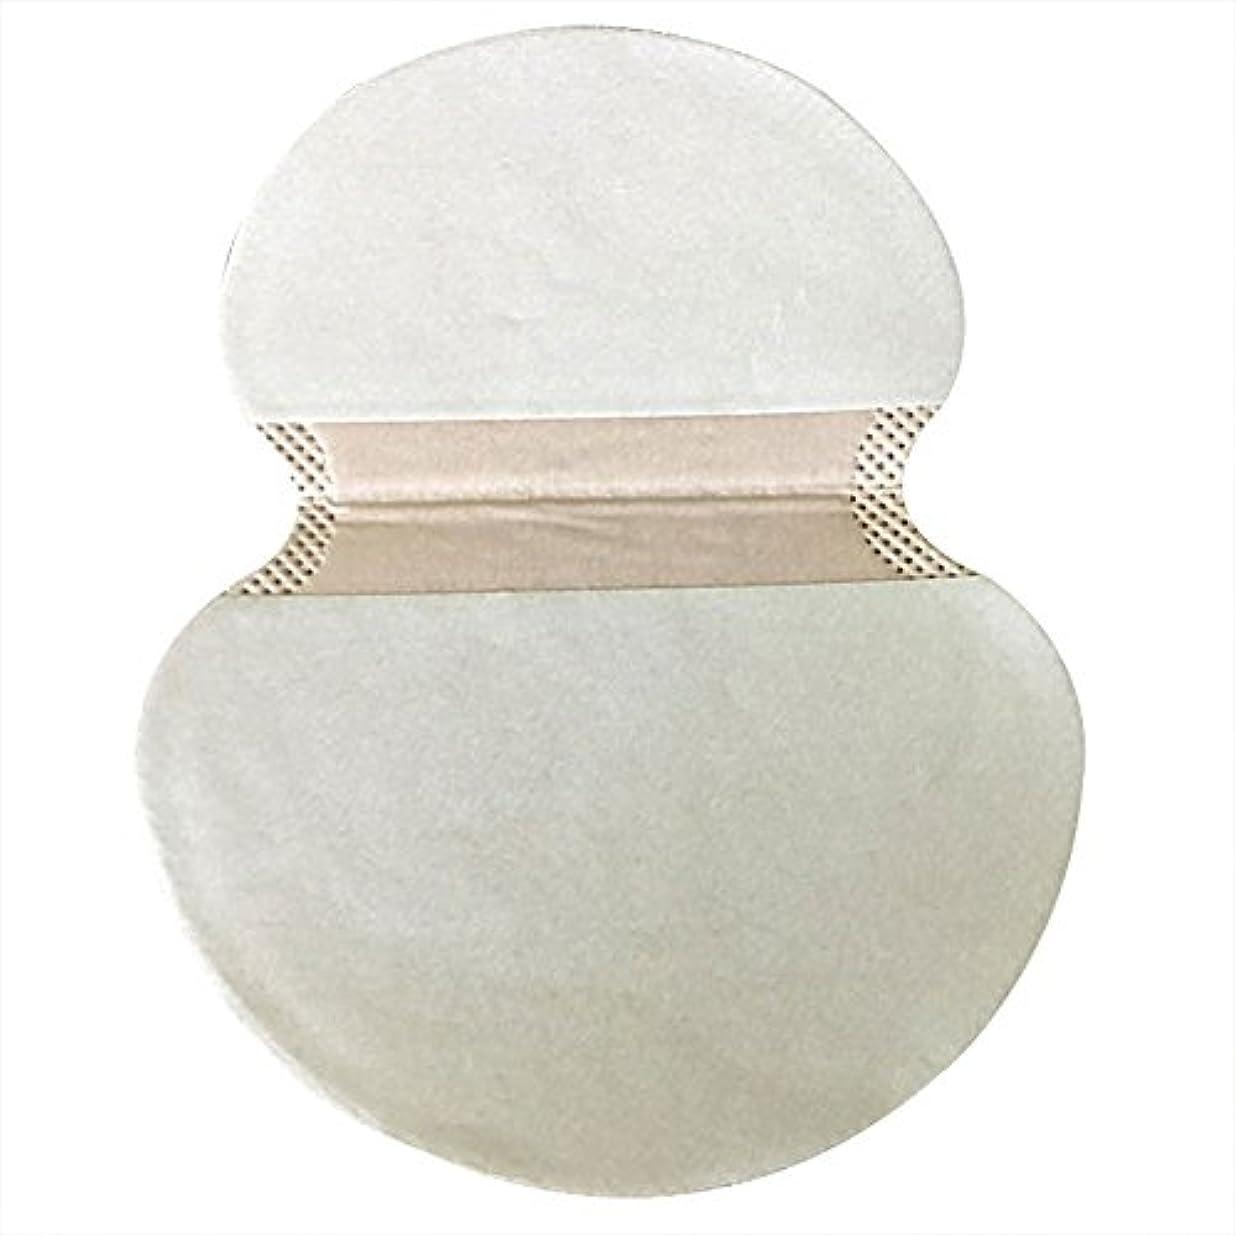 投資するアカデミックソートkiirou 汗取りパッド わき汗パット 10枚セット さらさら あせジミ防止 防臭シート 無香料 メンズ レディース 大きめ